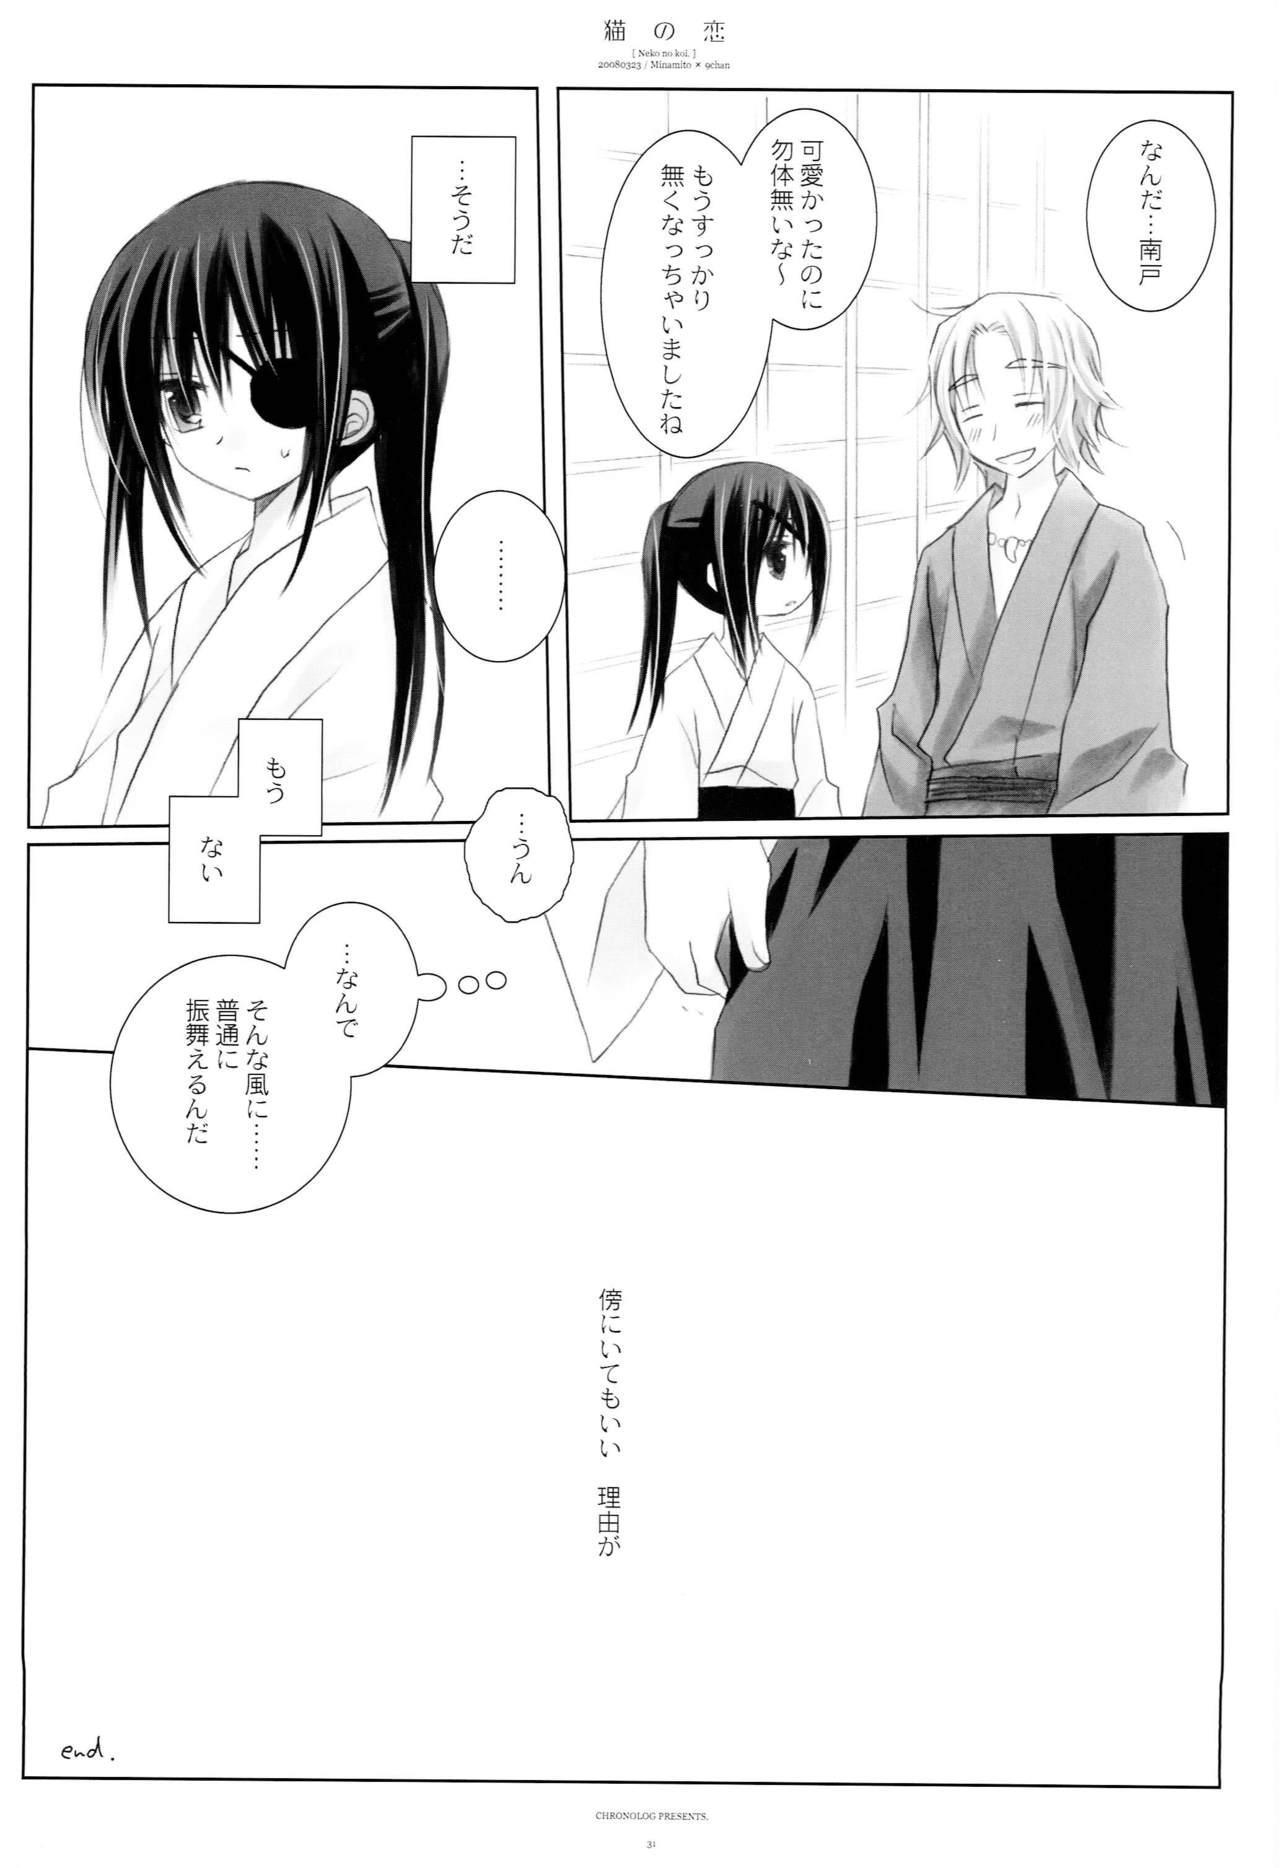 Neko no Koi 29